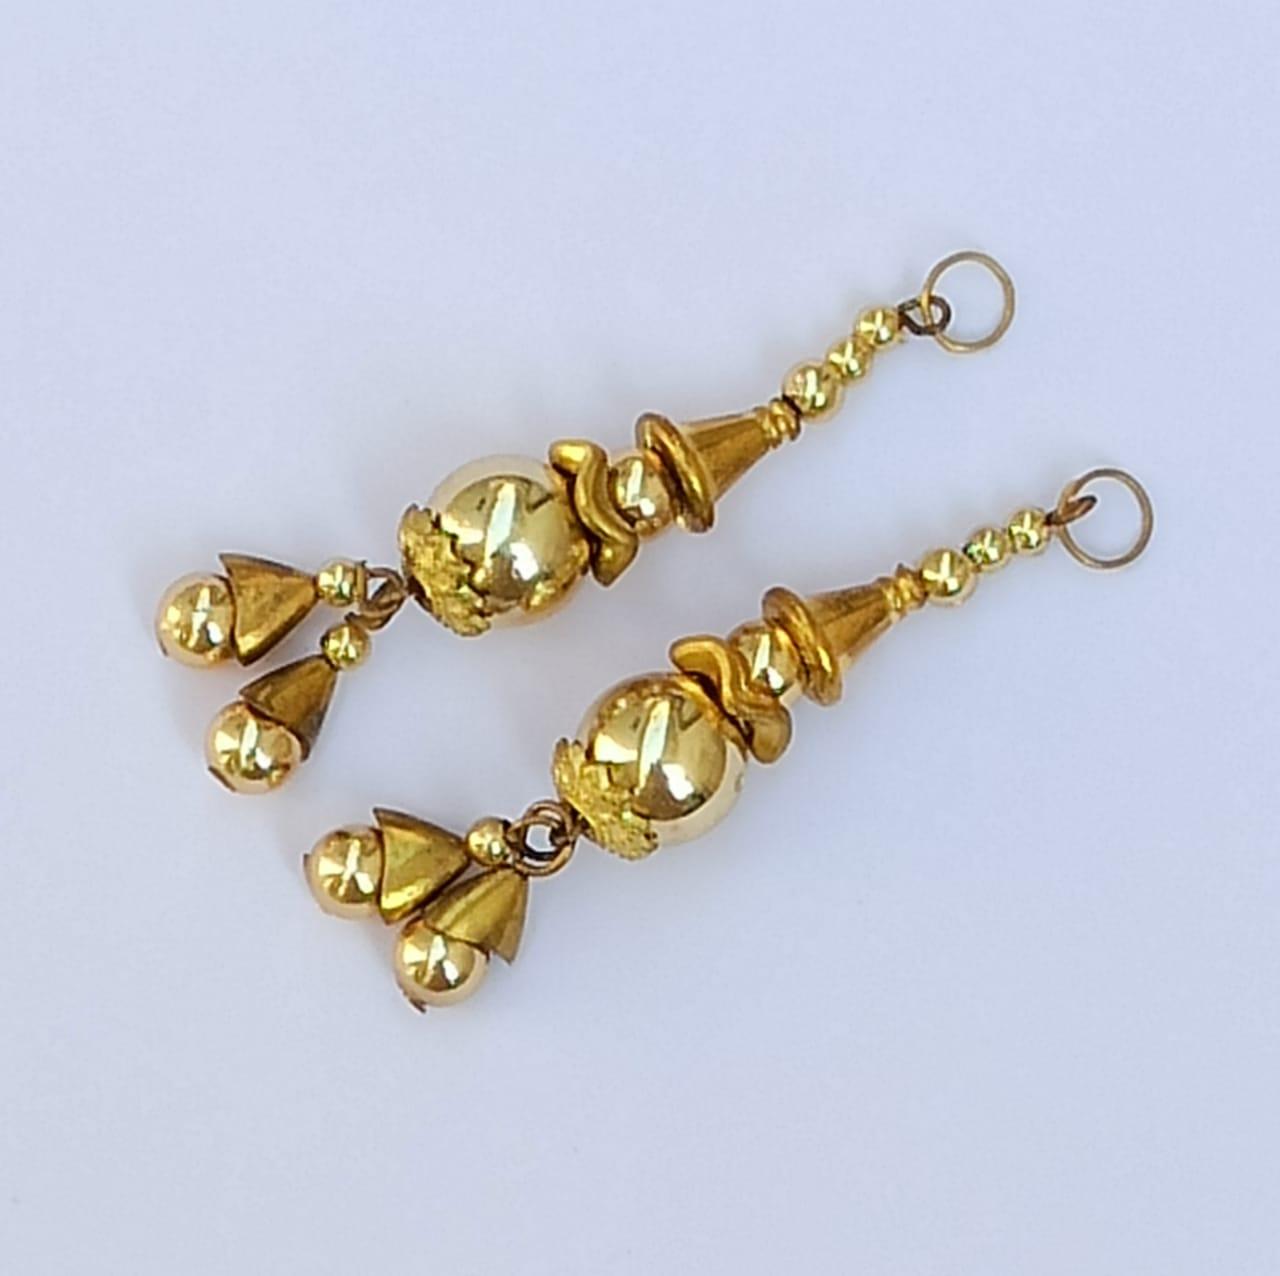 Golden Latkans Pair 2.5 Inch Long LK089 1